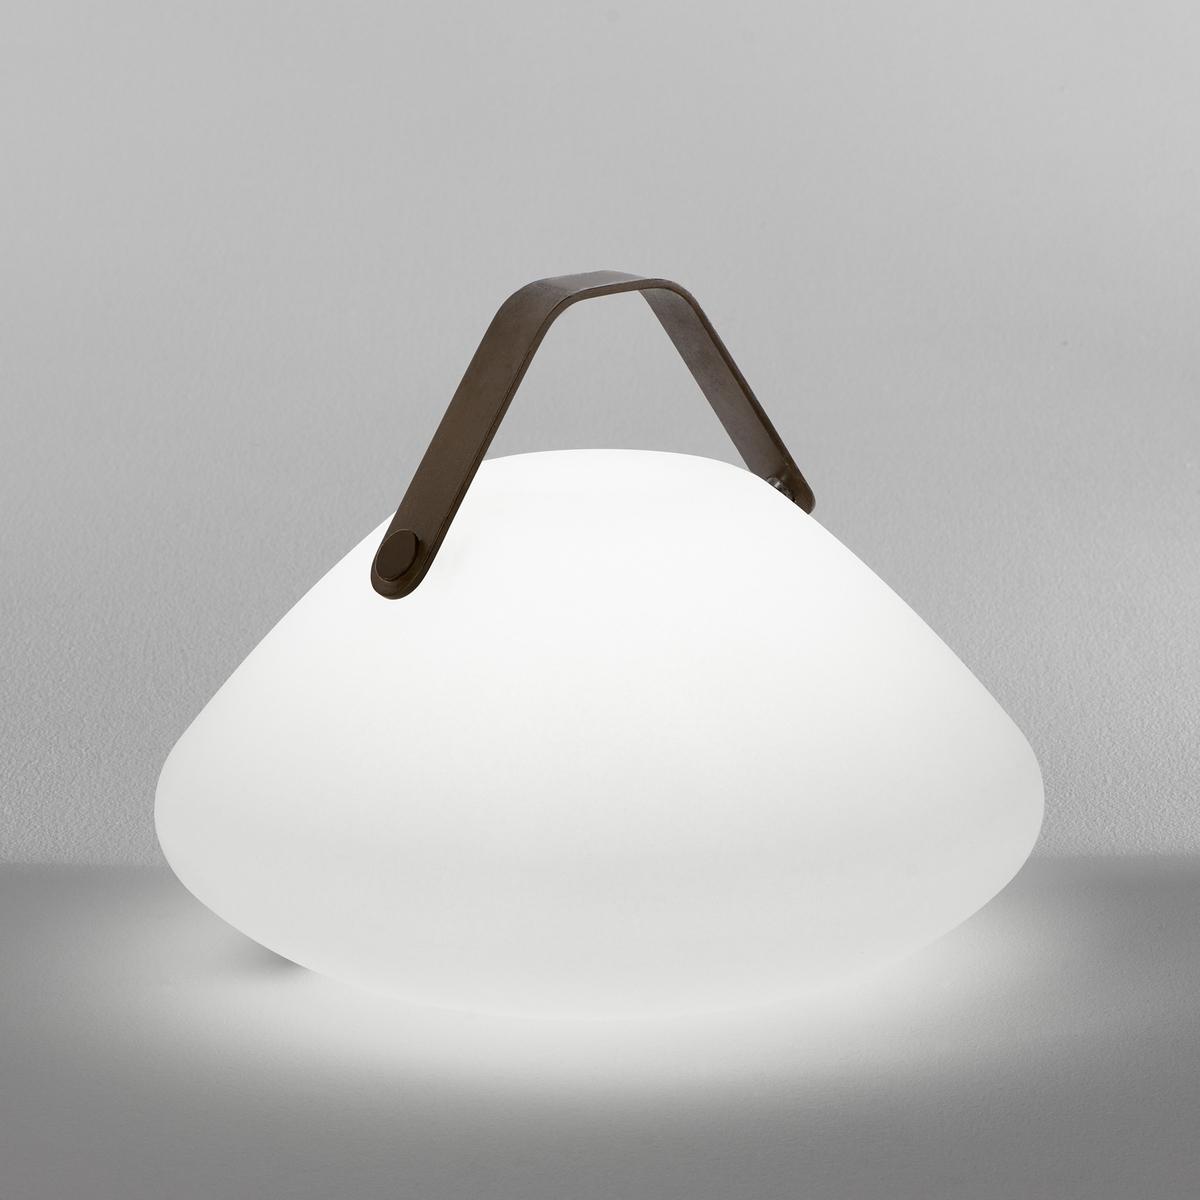 Лампа уличная переносная Spingolo установка поверочная переносная упсж 3пм стоимость